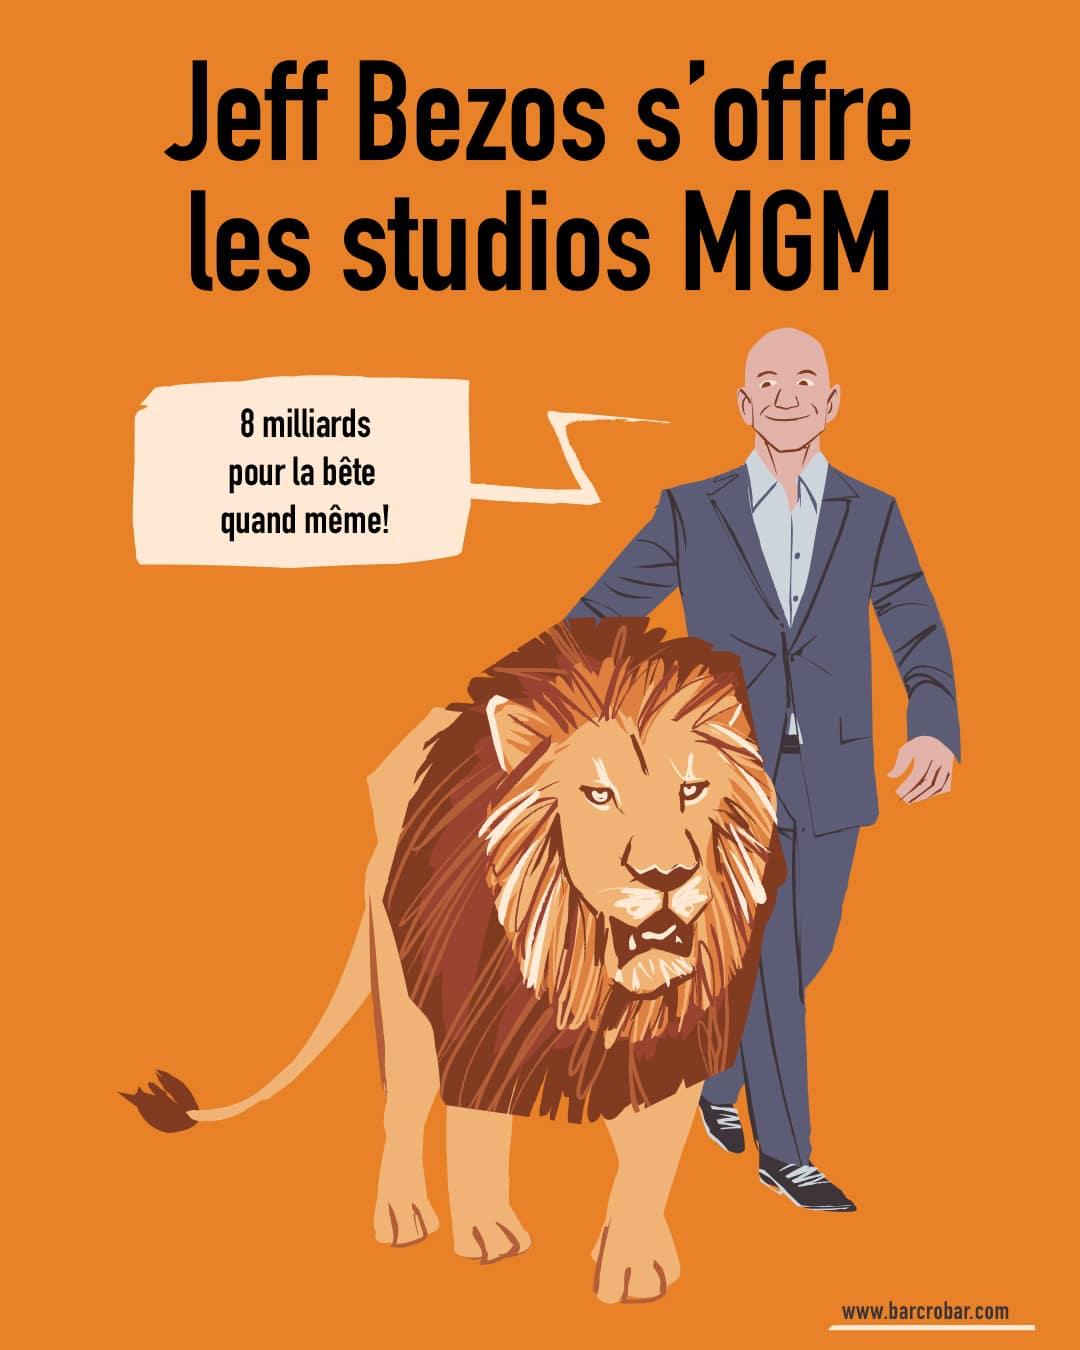 Amazon s'offre le mythique studio de James Bond, MGM, pour concurrencer Netflix